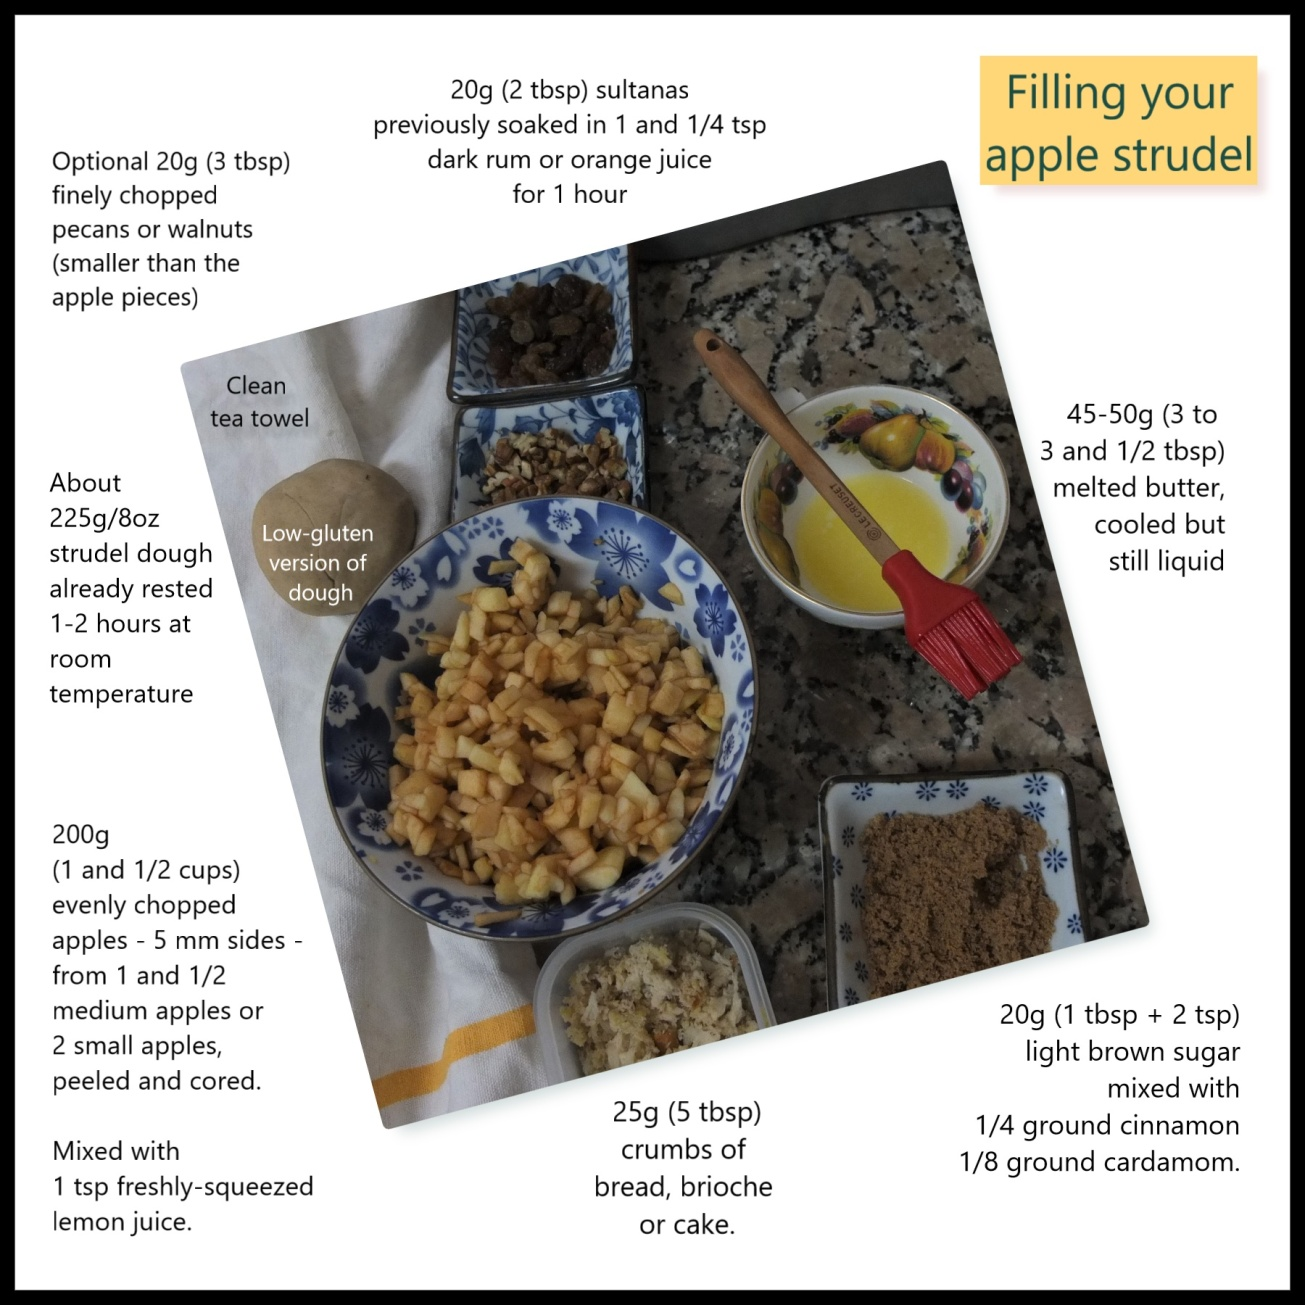 Filling your apple strudel photo illustration